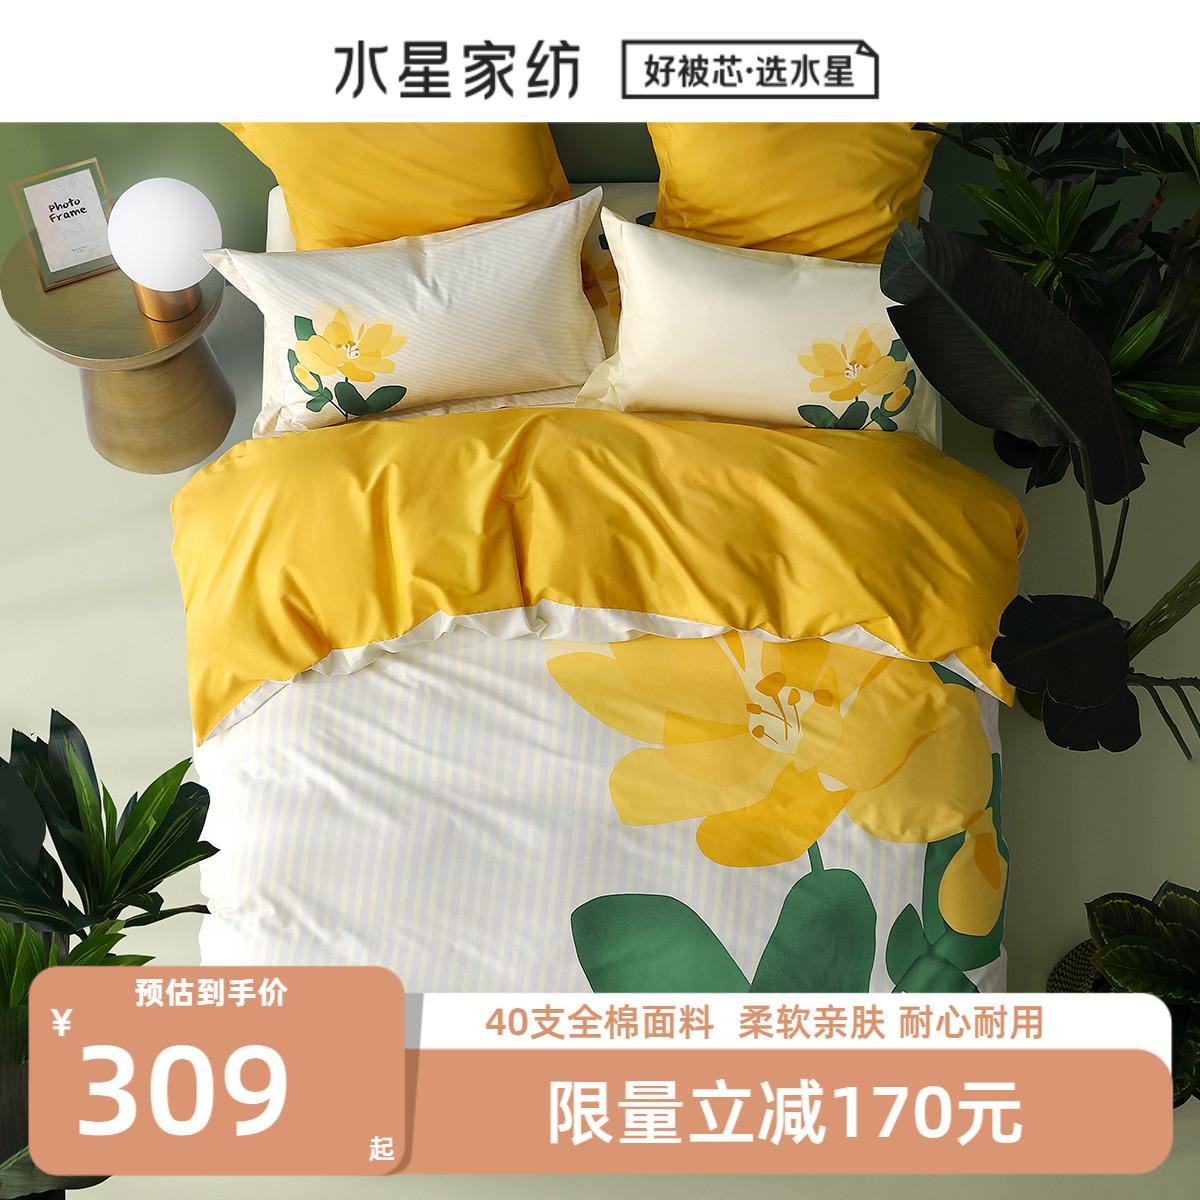 水星家纺40S全棉四件套插画花卉纯棉套件被套床单被罩床上用品